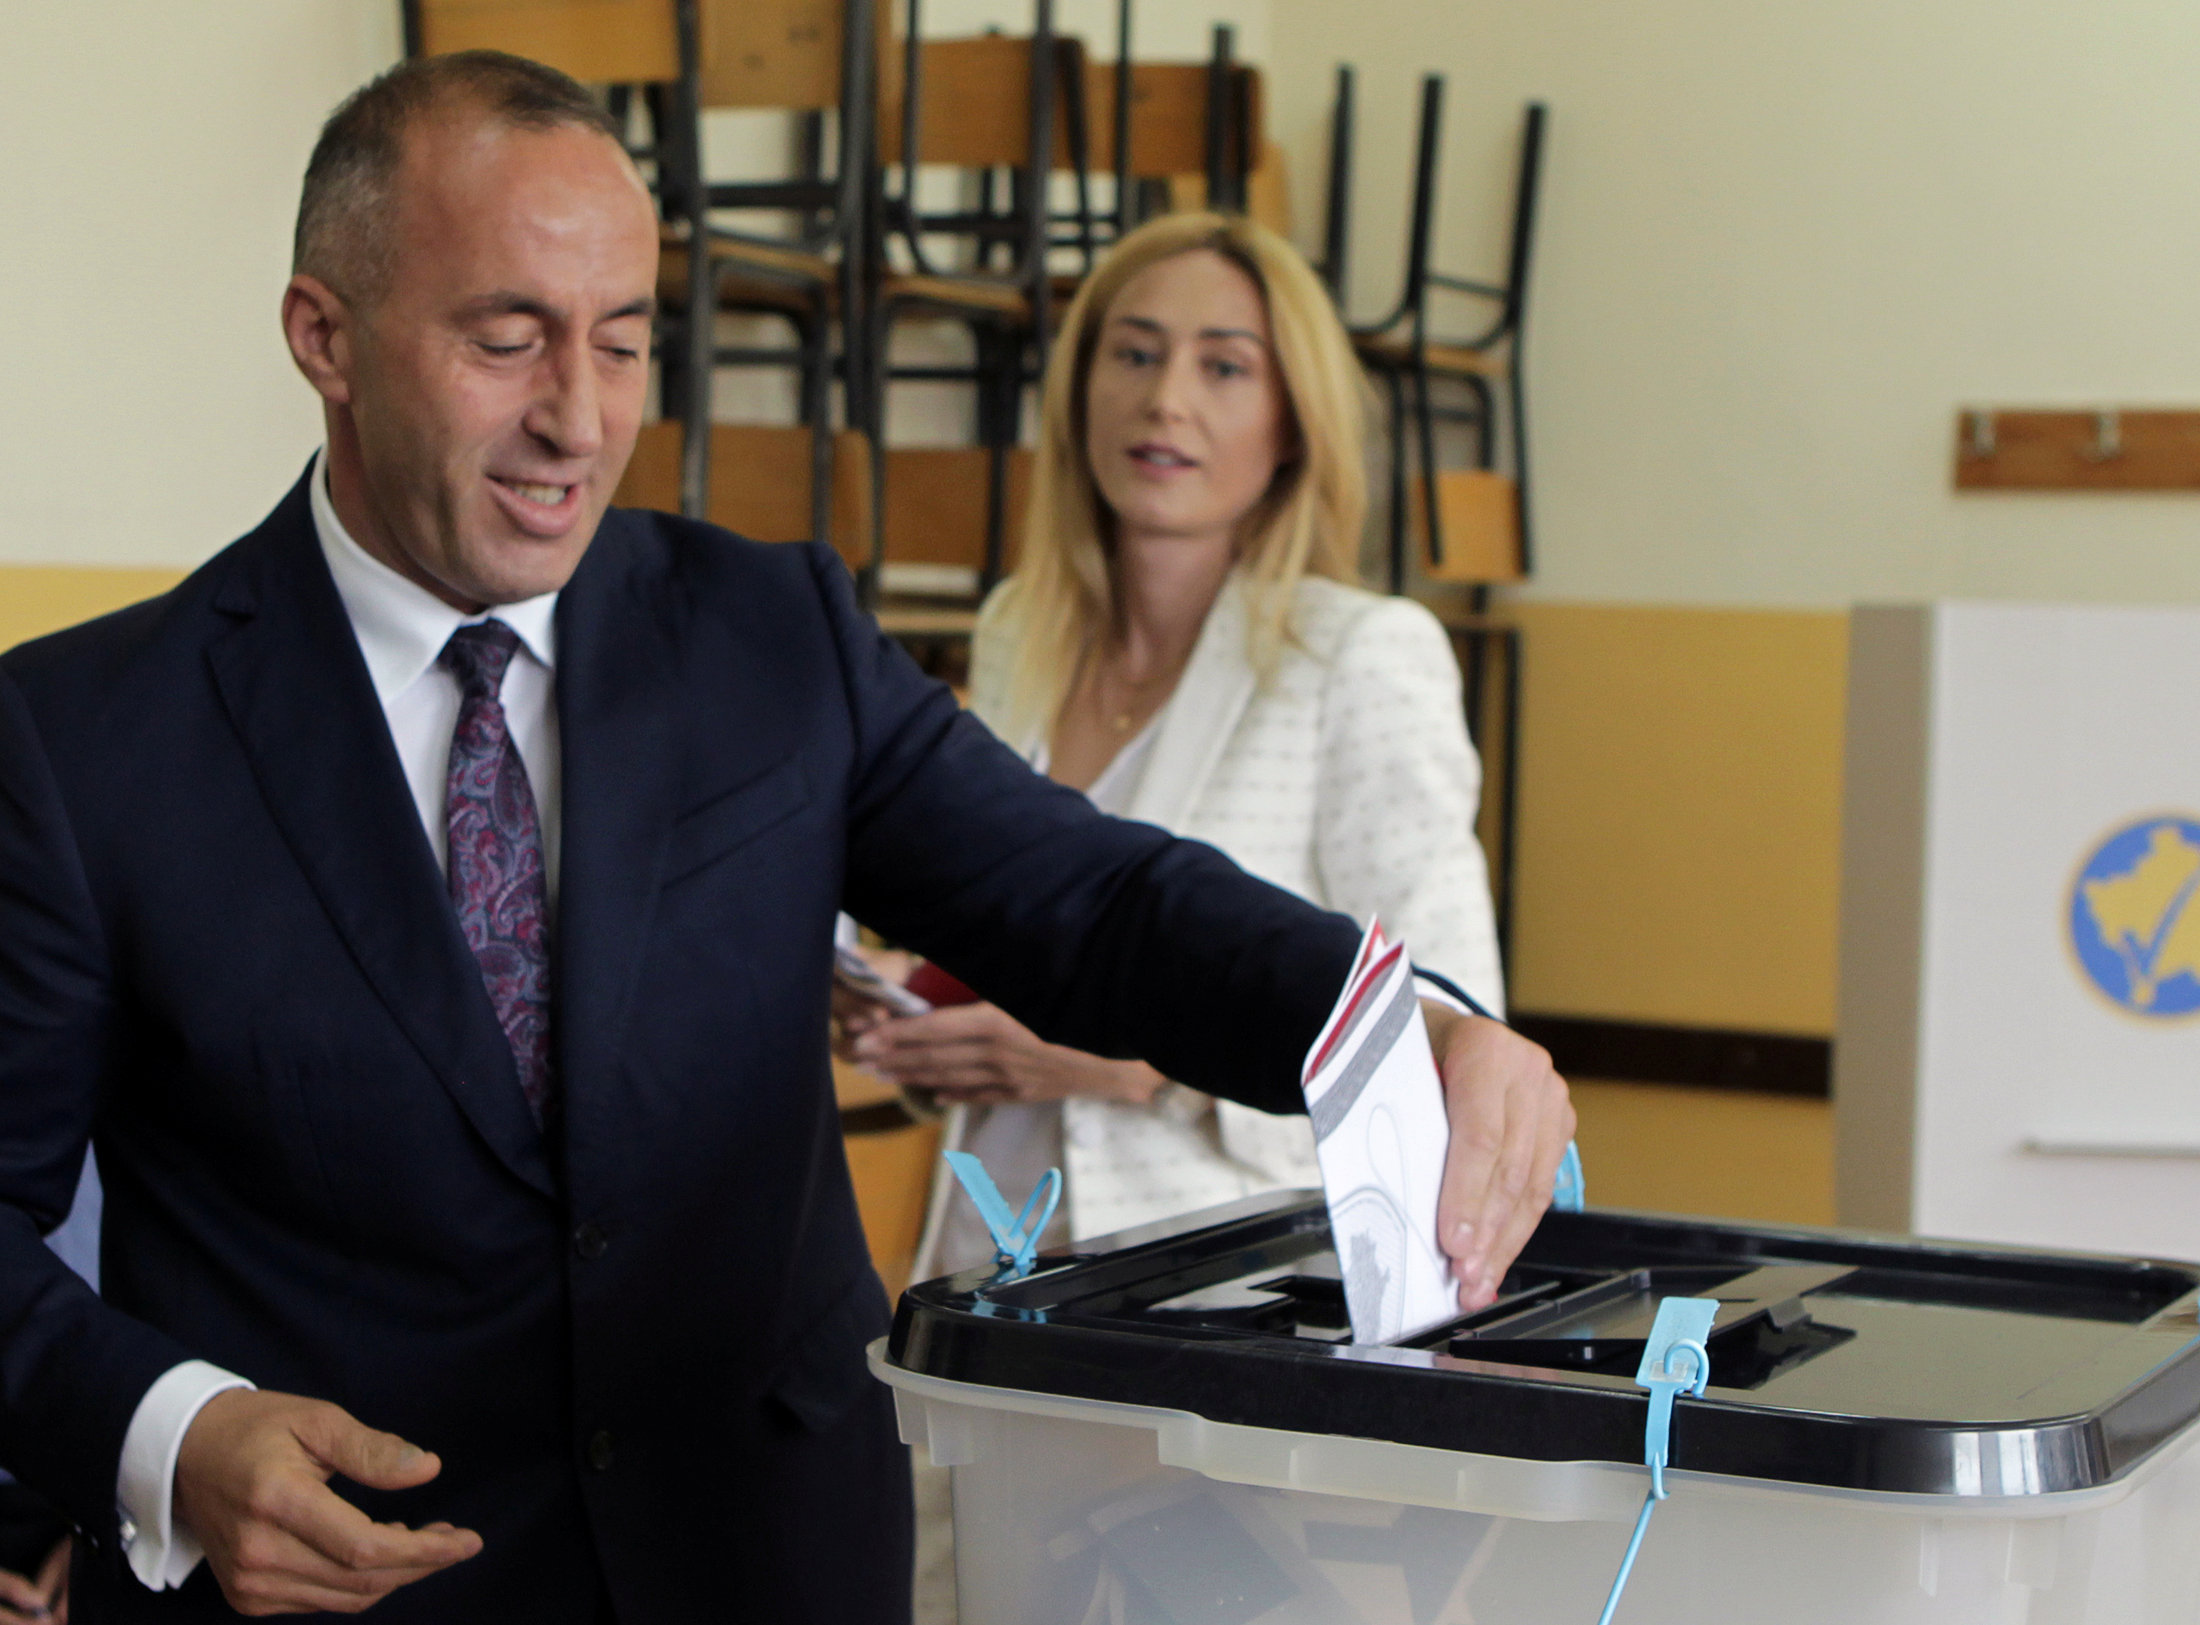 المرشح لرئاسة وزراء كوسوفو يدلى بصوته فى الانتخابات البرلمانية